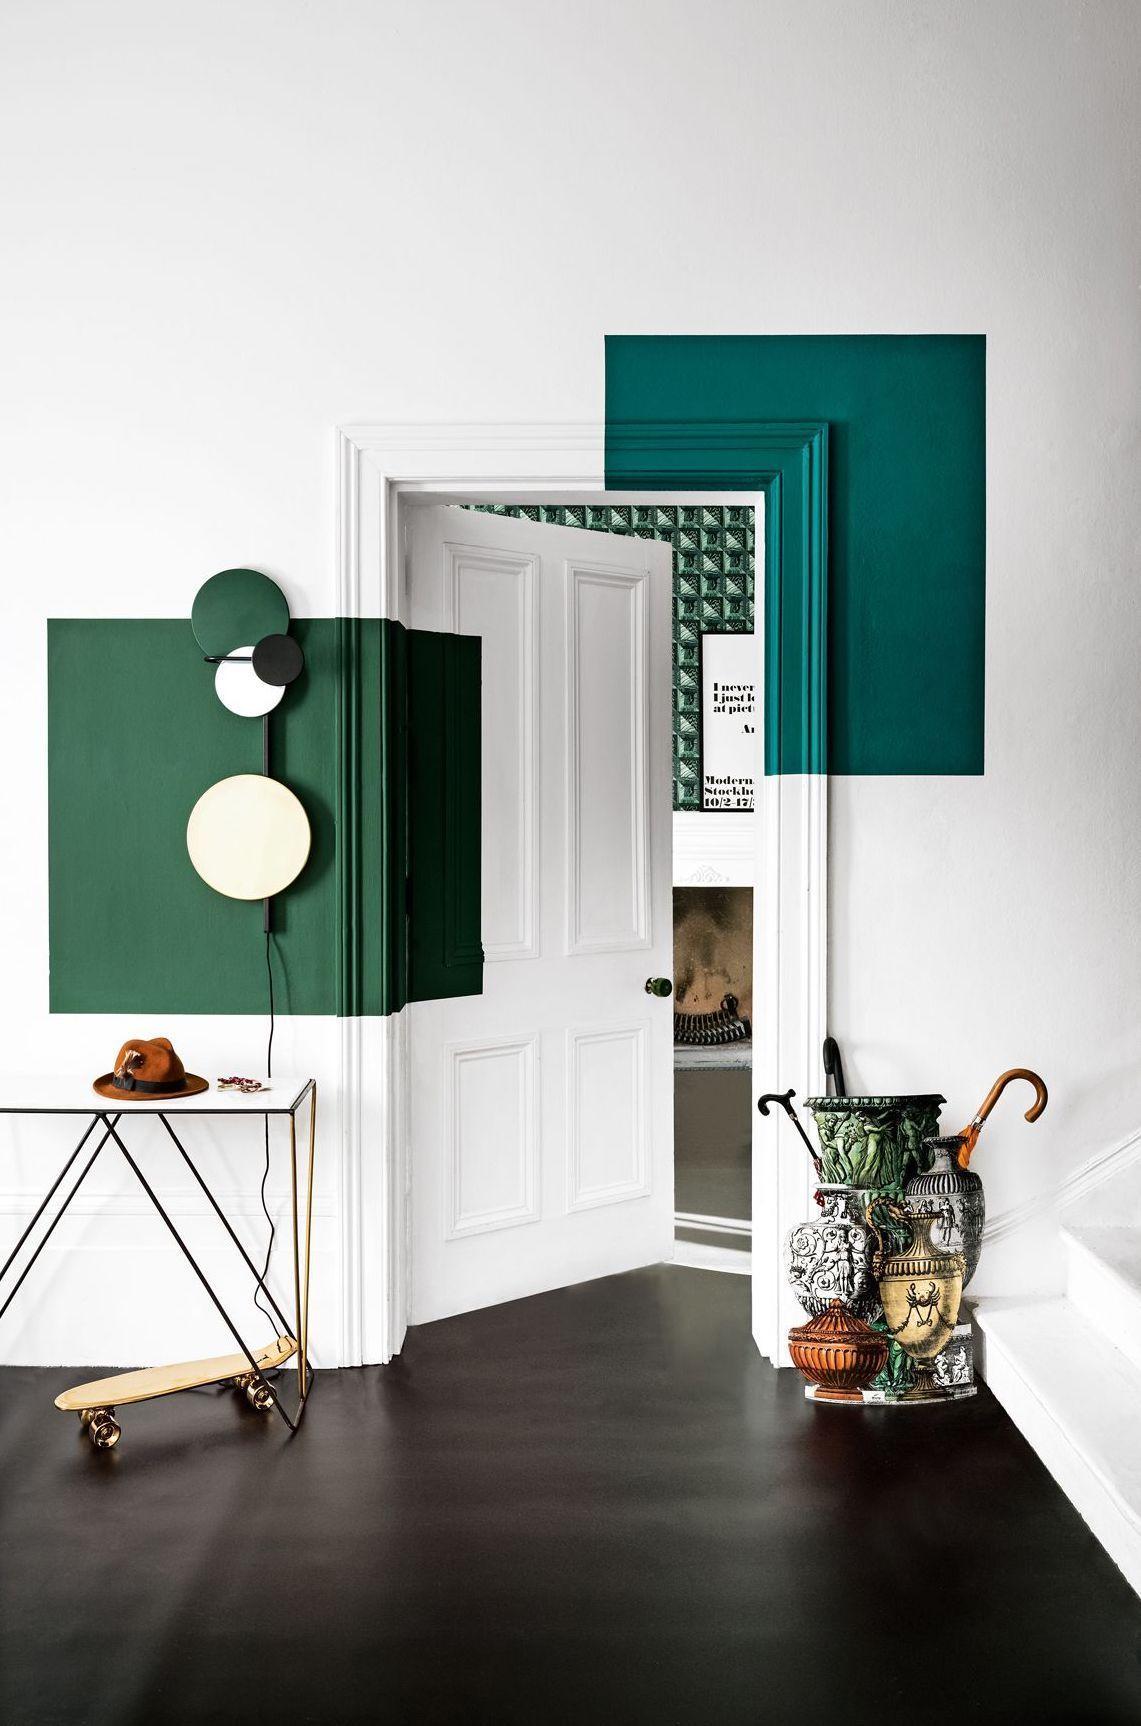 Déco couleur vert sapin : - Clem Around The Corner  Décoration